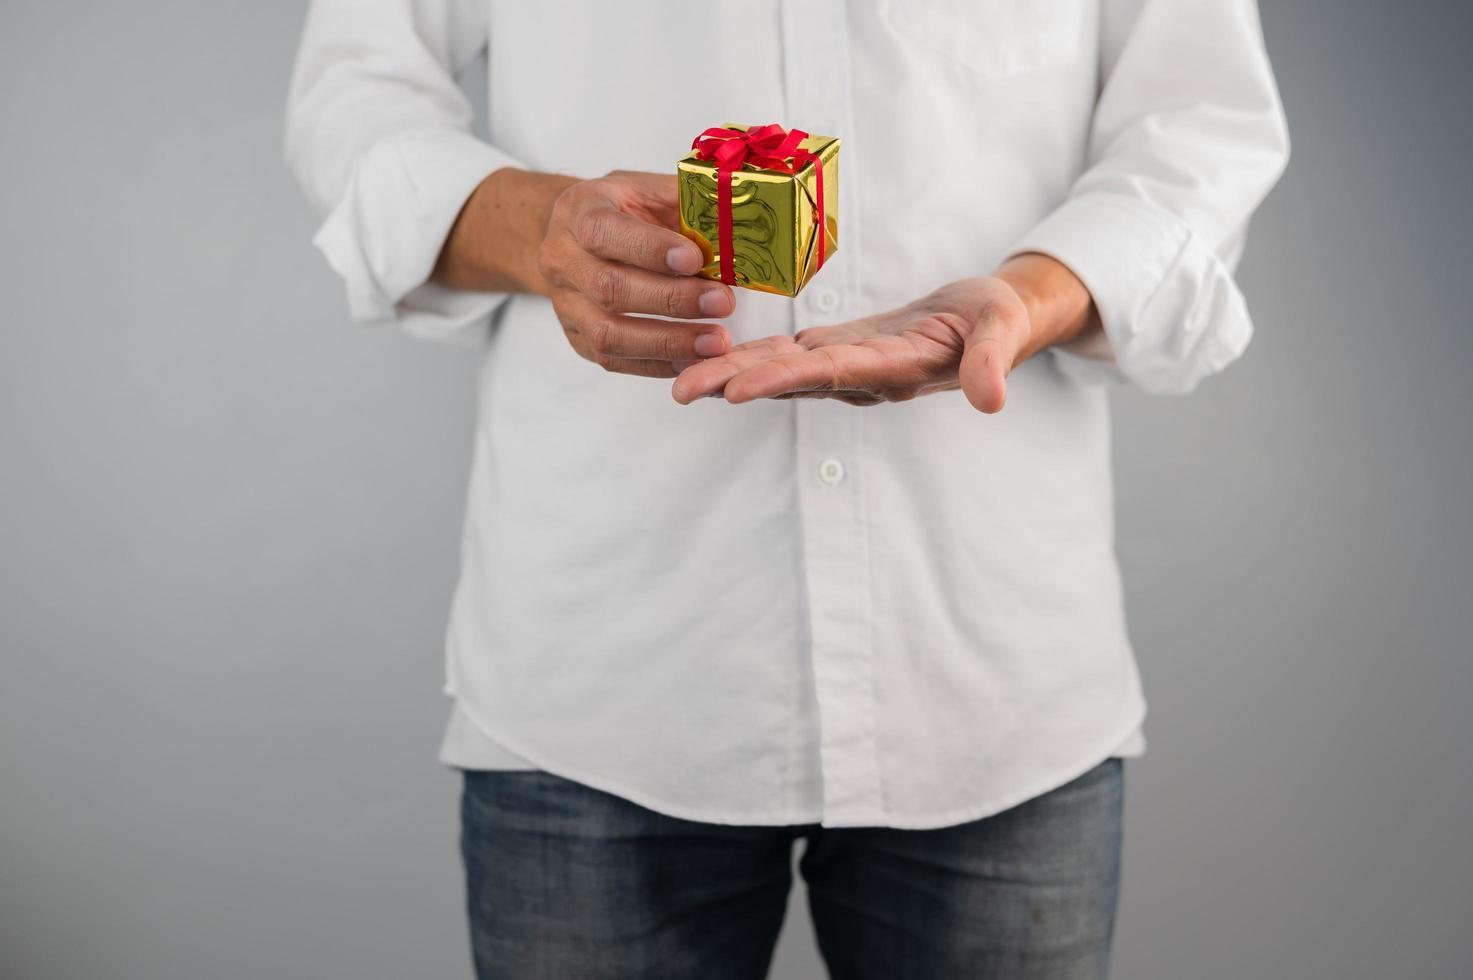 handhållande presentförpackning, nyårspresentlåda, julklappslåda, kopieringsutrymme. jul, hew år, födelsedagskoncept. foto